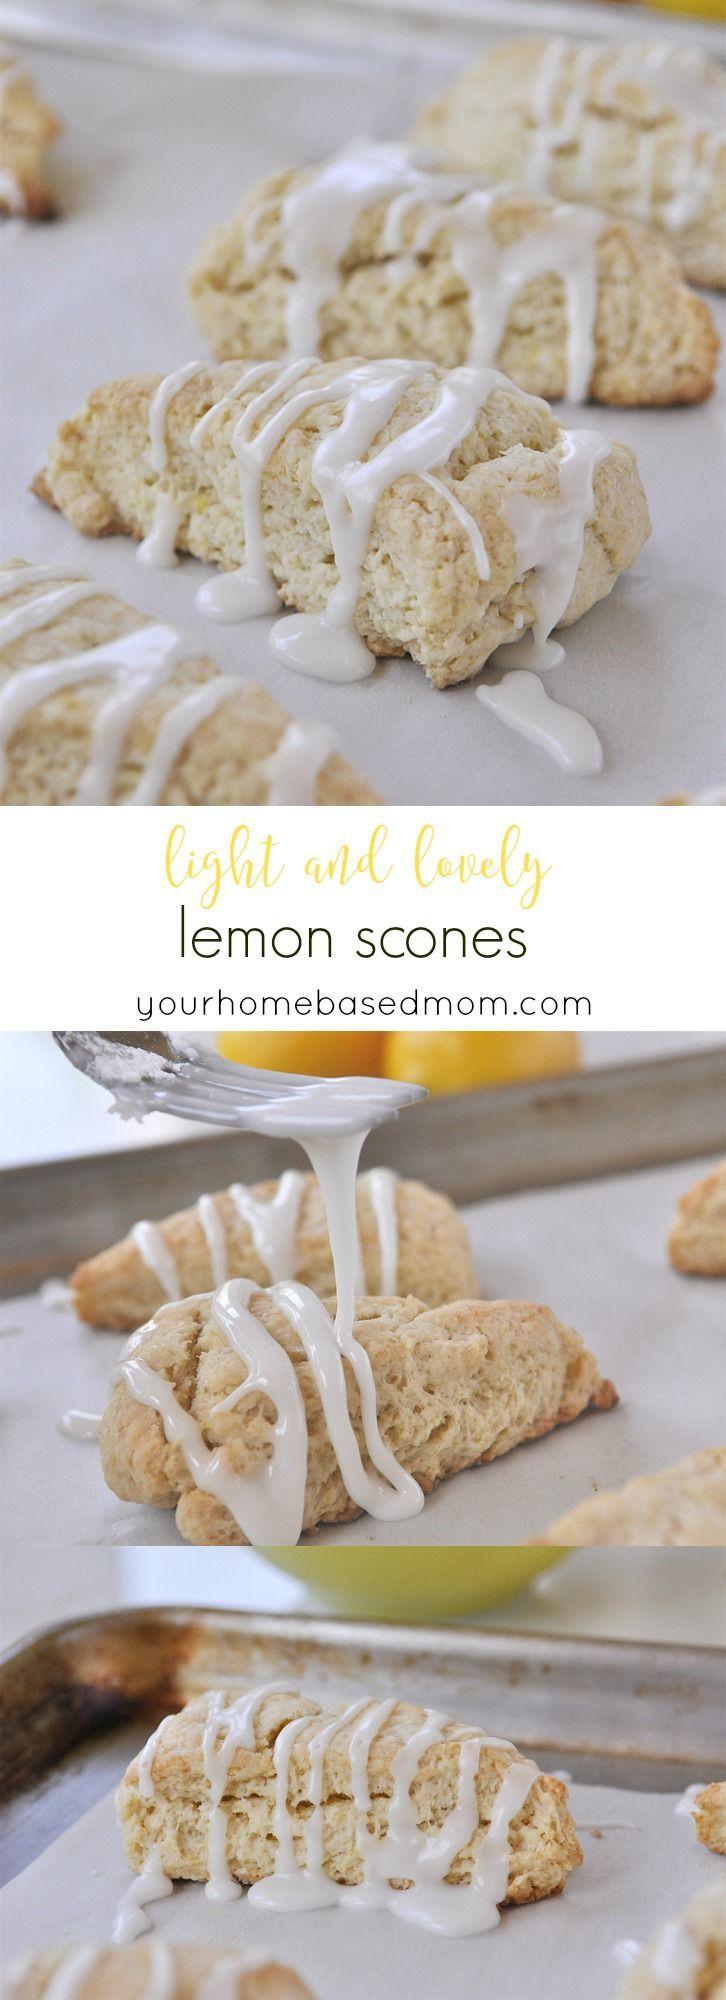 Light and Lovely Lemon Scones from yourhomebasedmom.com